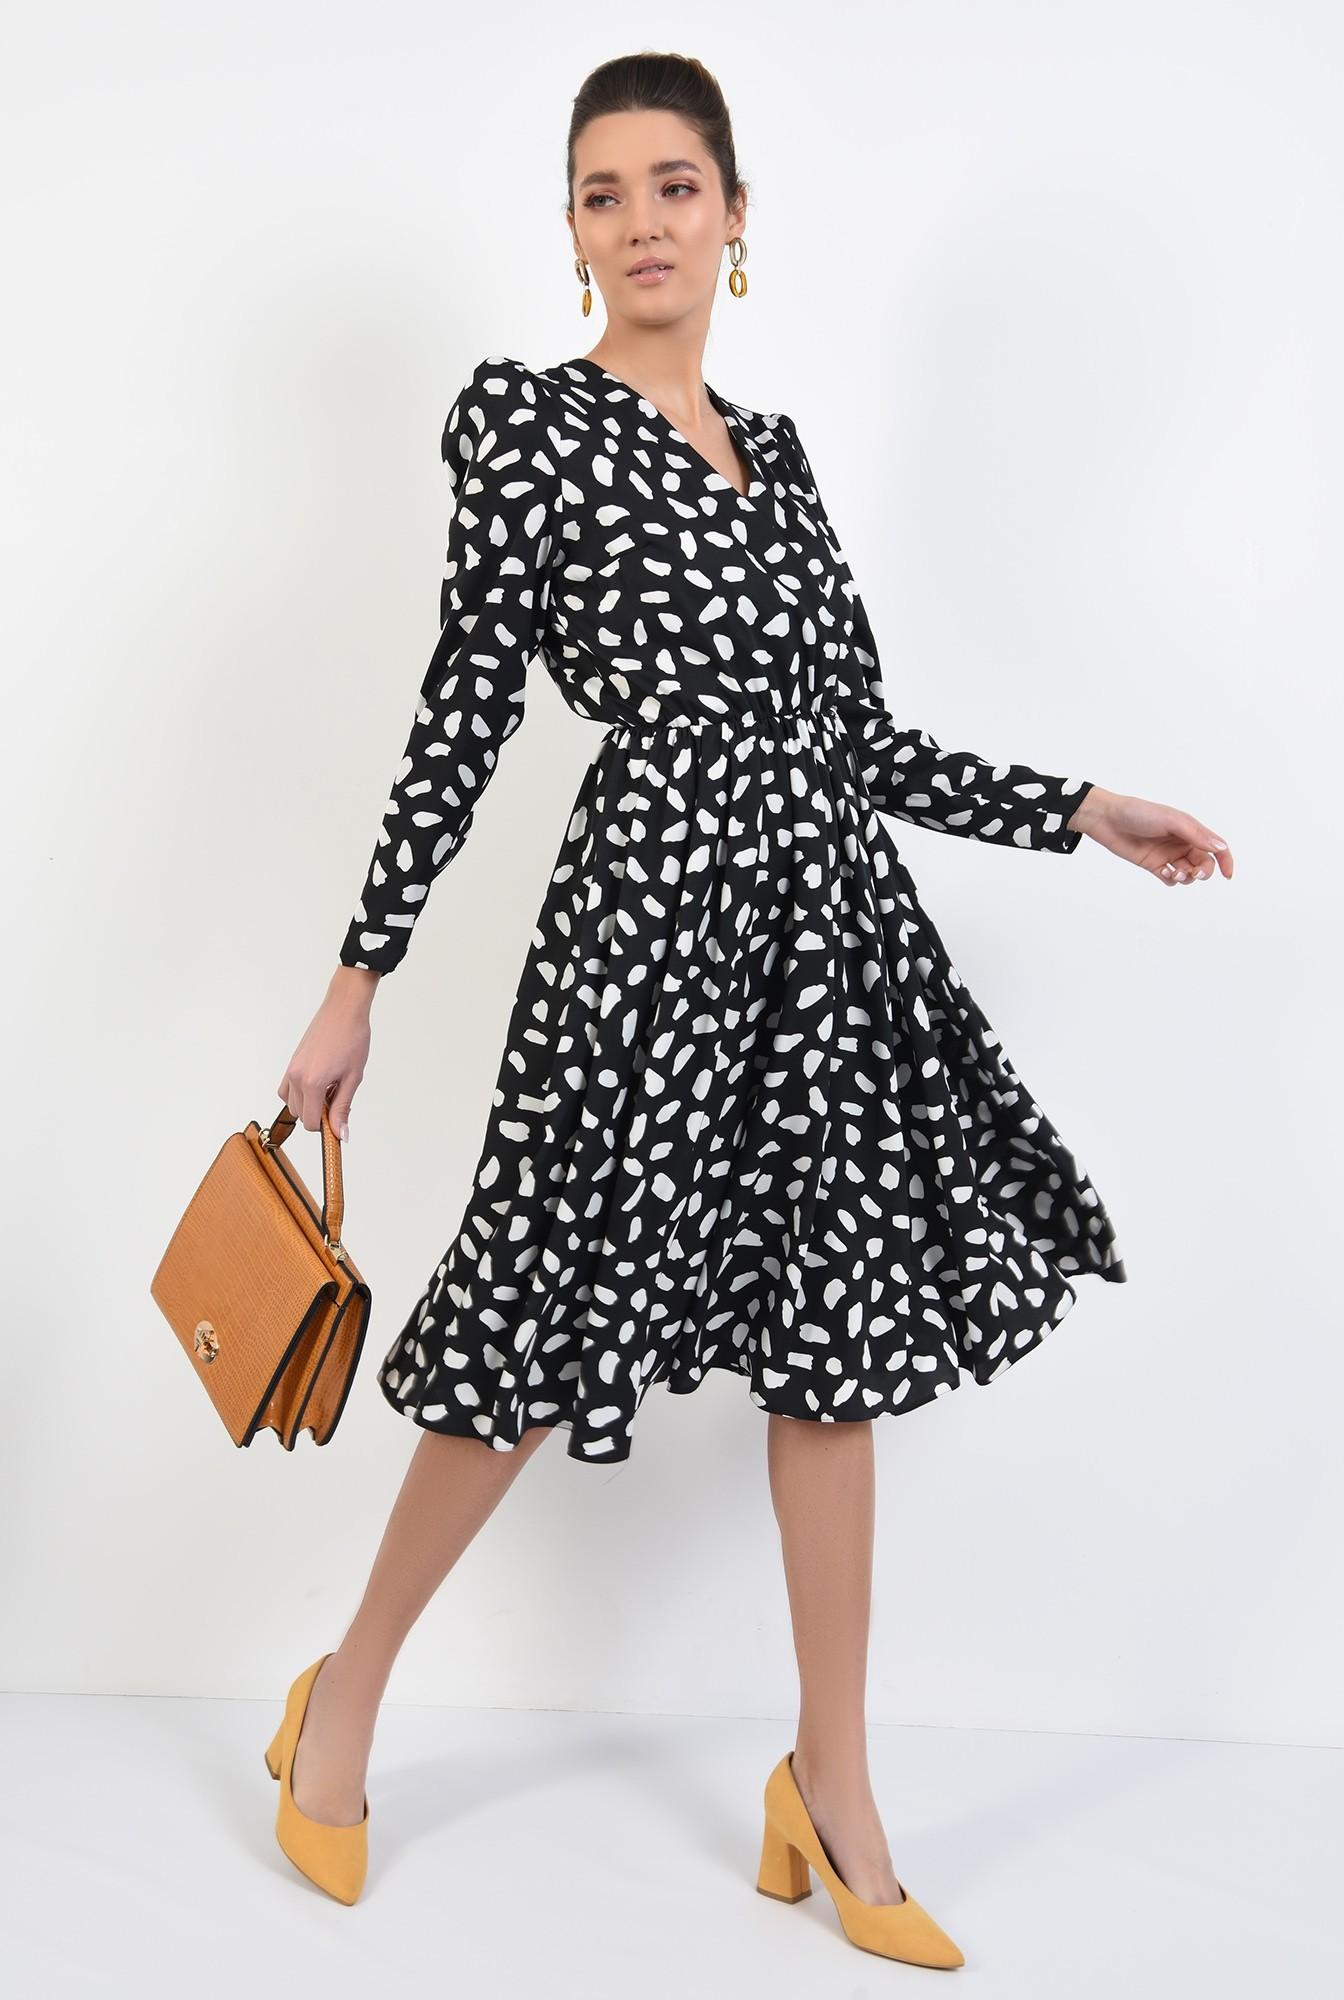 3 - rochie midi, evazata, cu imprimeu, alb-negru, decolteu petrecut